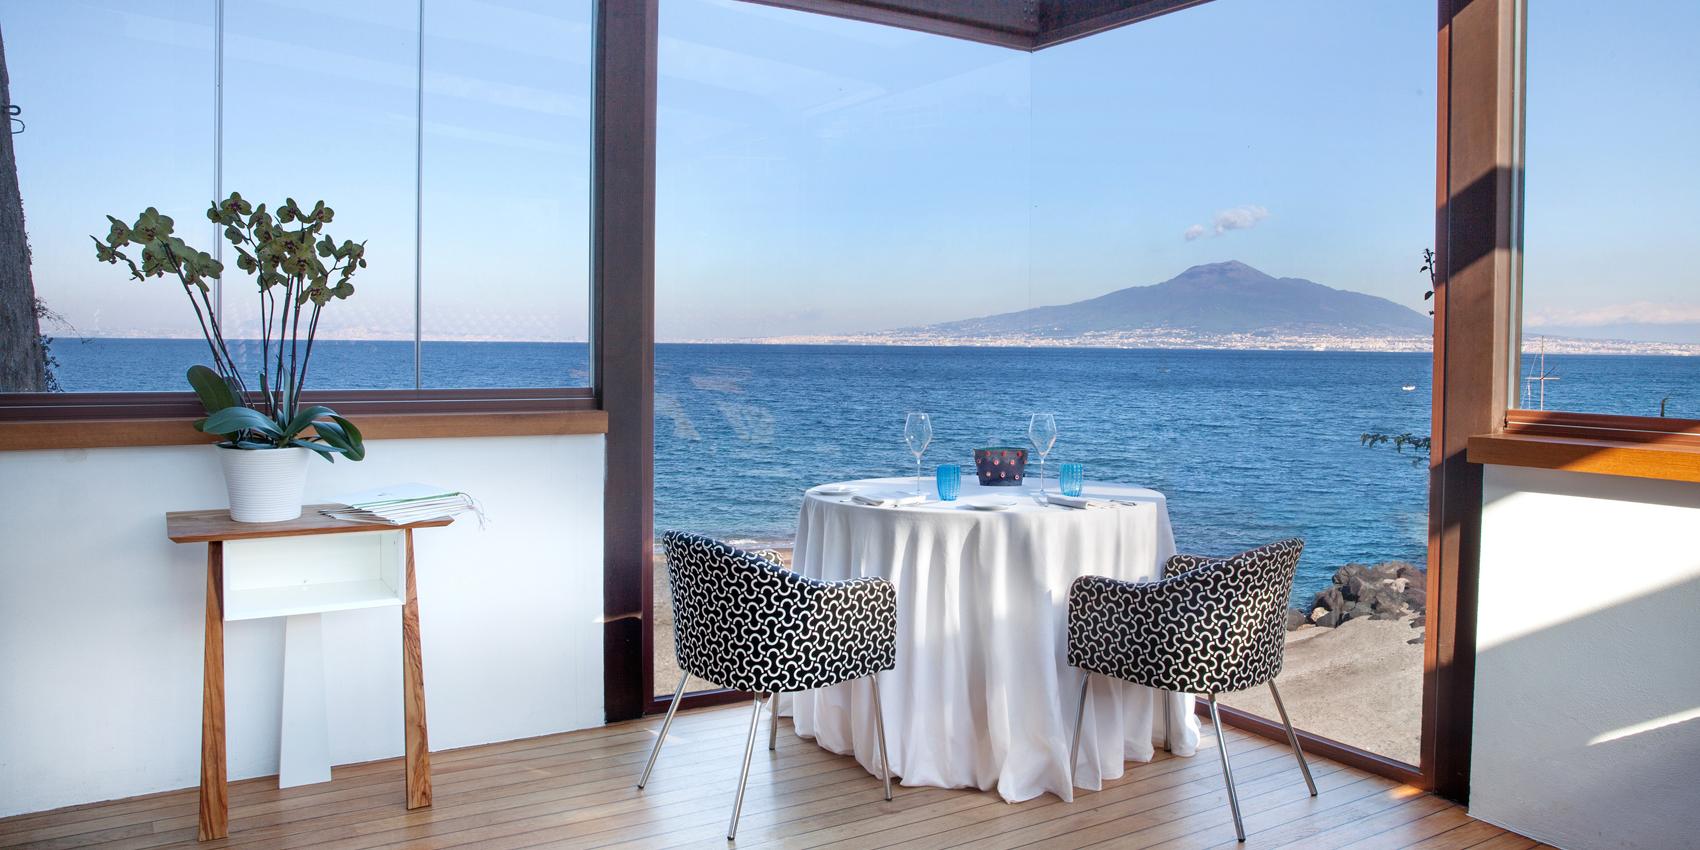 La vista dal ristorante La Torre del Saracino di Gennaro Esposito